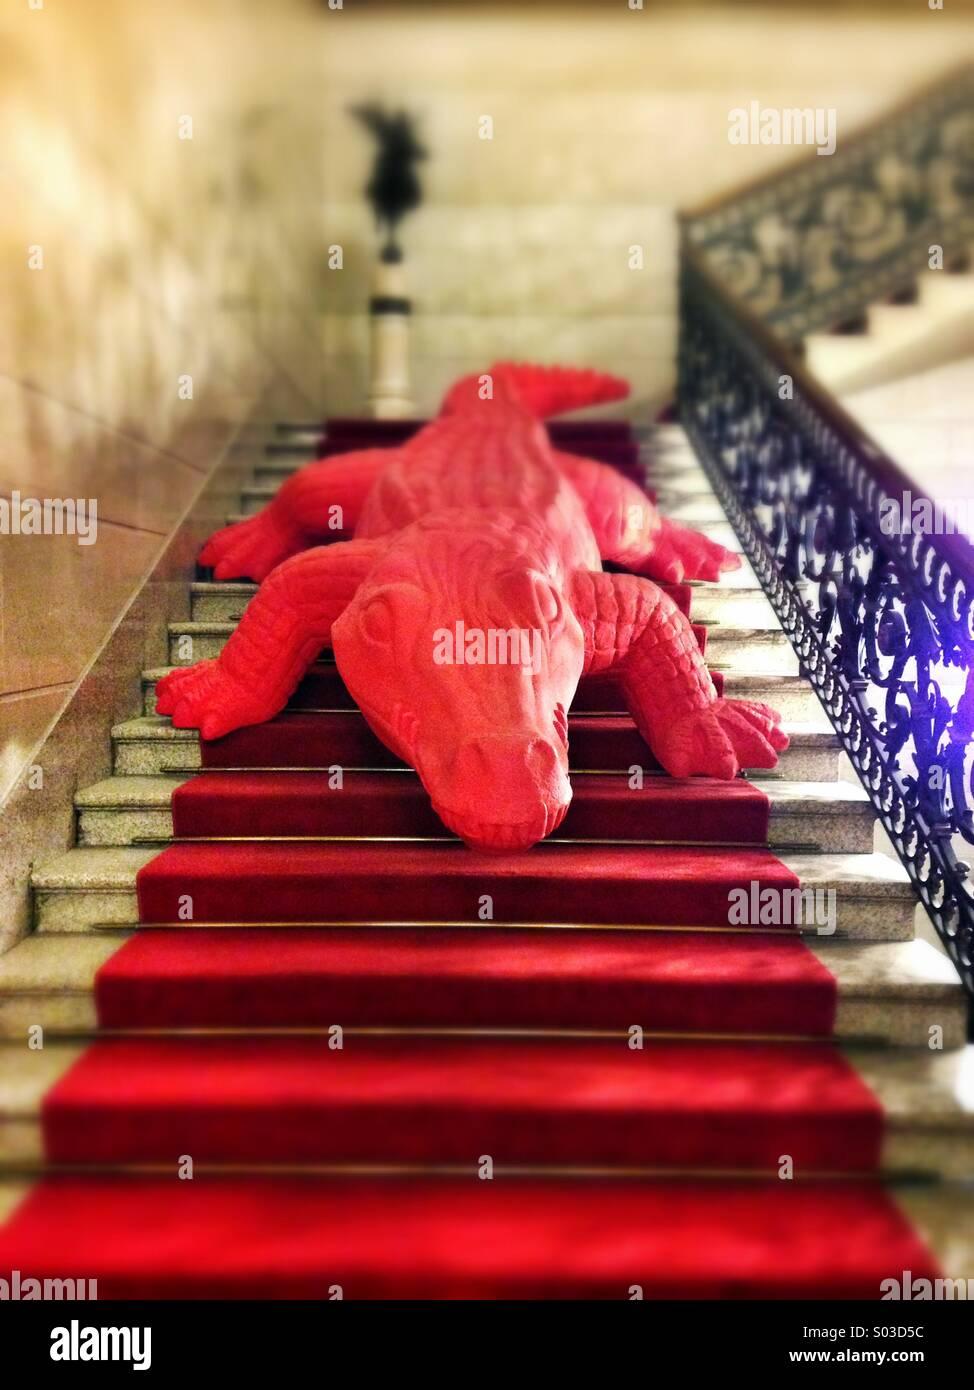 Red Crocodile Imágenes De Stock & Red Crocodile Fotos De Stock - Alamy